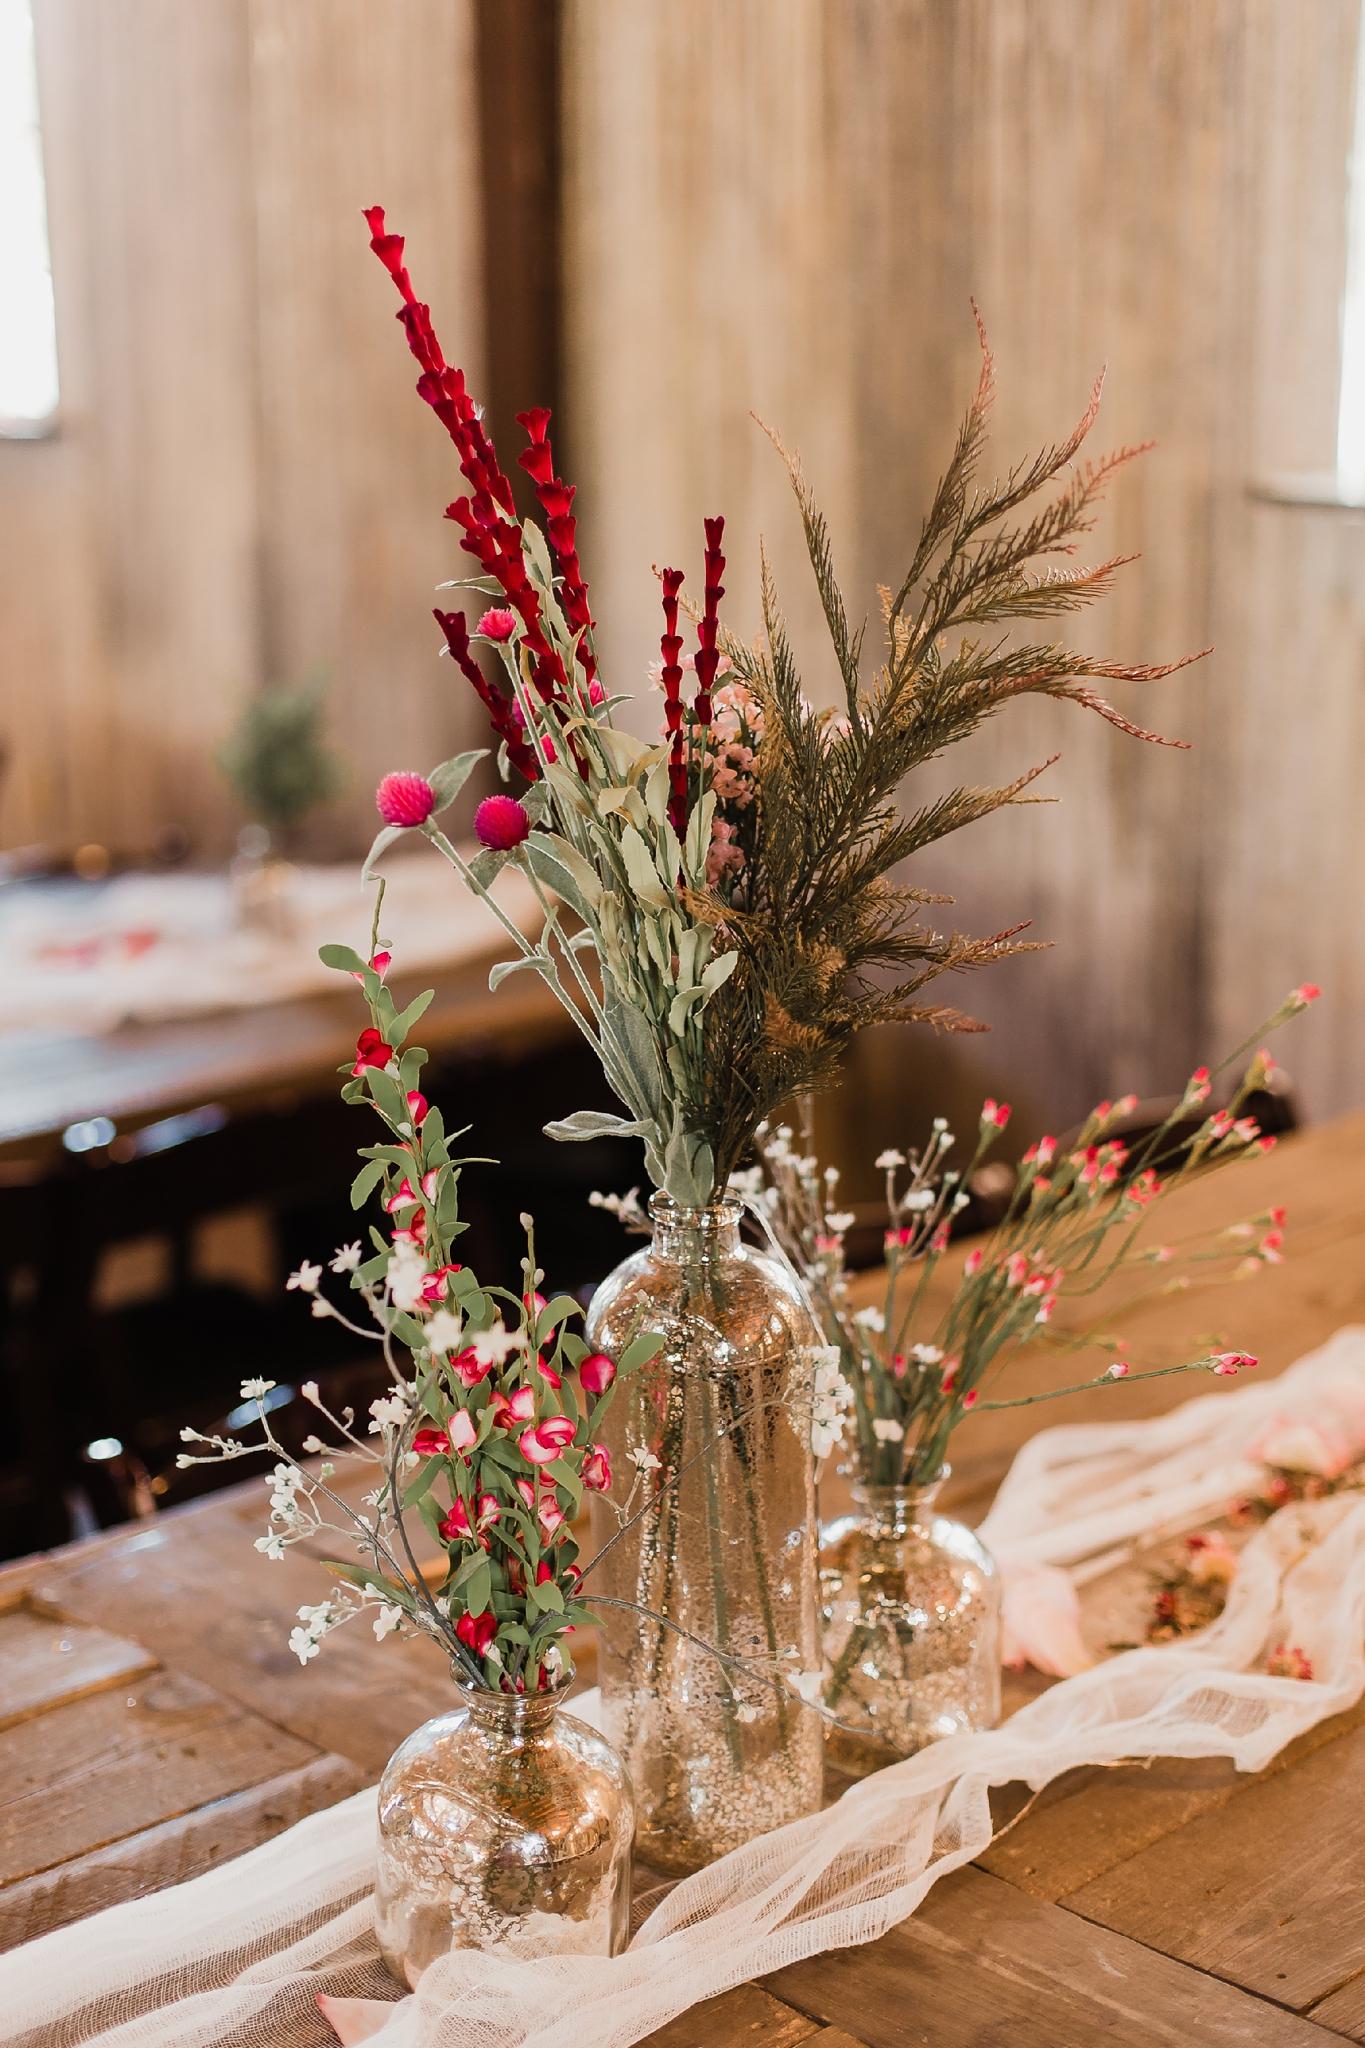 Alicia+lucia+photography+-+albuquerque+wedding+photographer+-+santa+fe+wedding+photography+-+new+mexico+wedding+photographer+-+new+mexico+wedding+-+new+mexico+wedding+-+barn+wedding+-+enchanted+vine+barn+wedding+-+ruidoso+wedding_0047.jpg